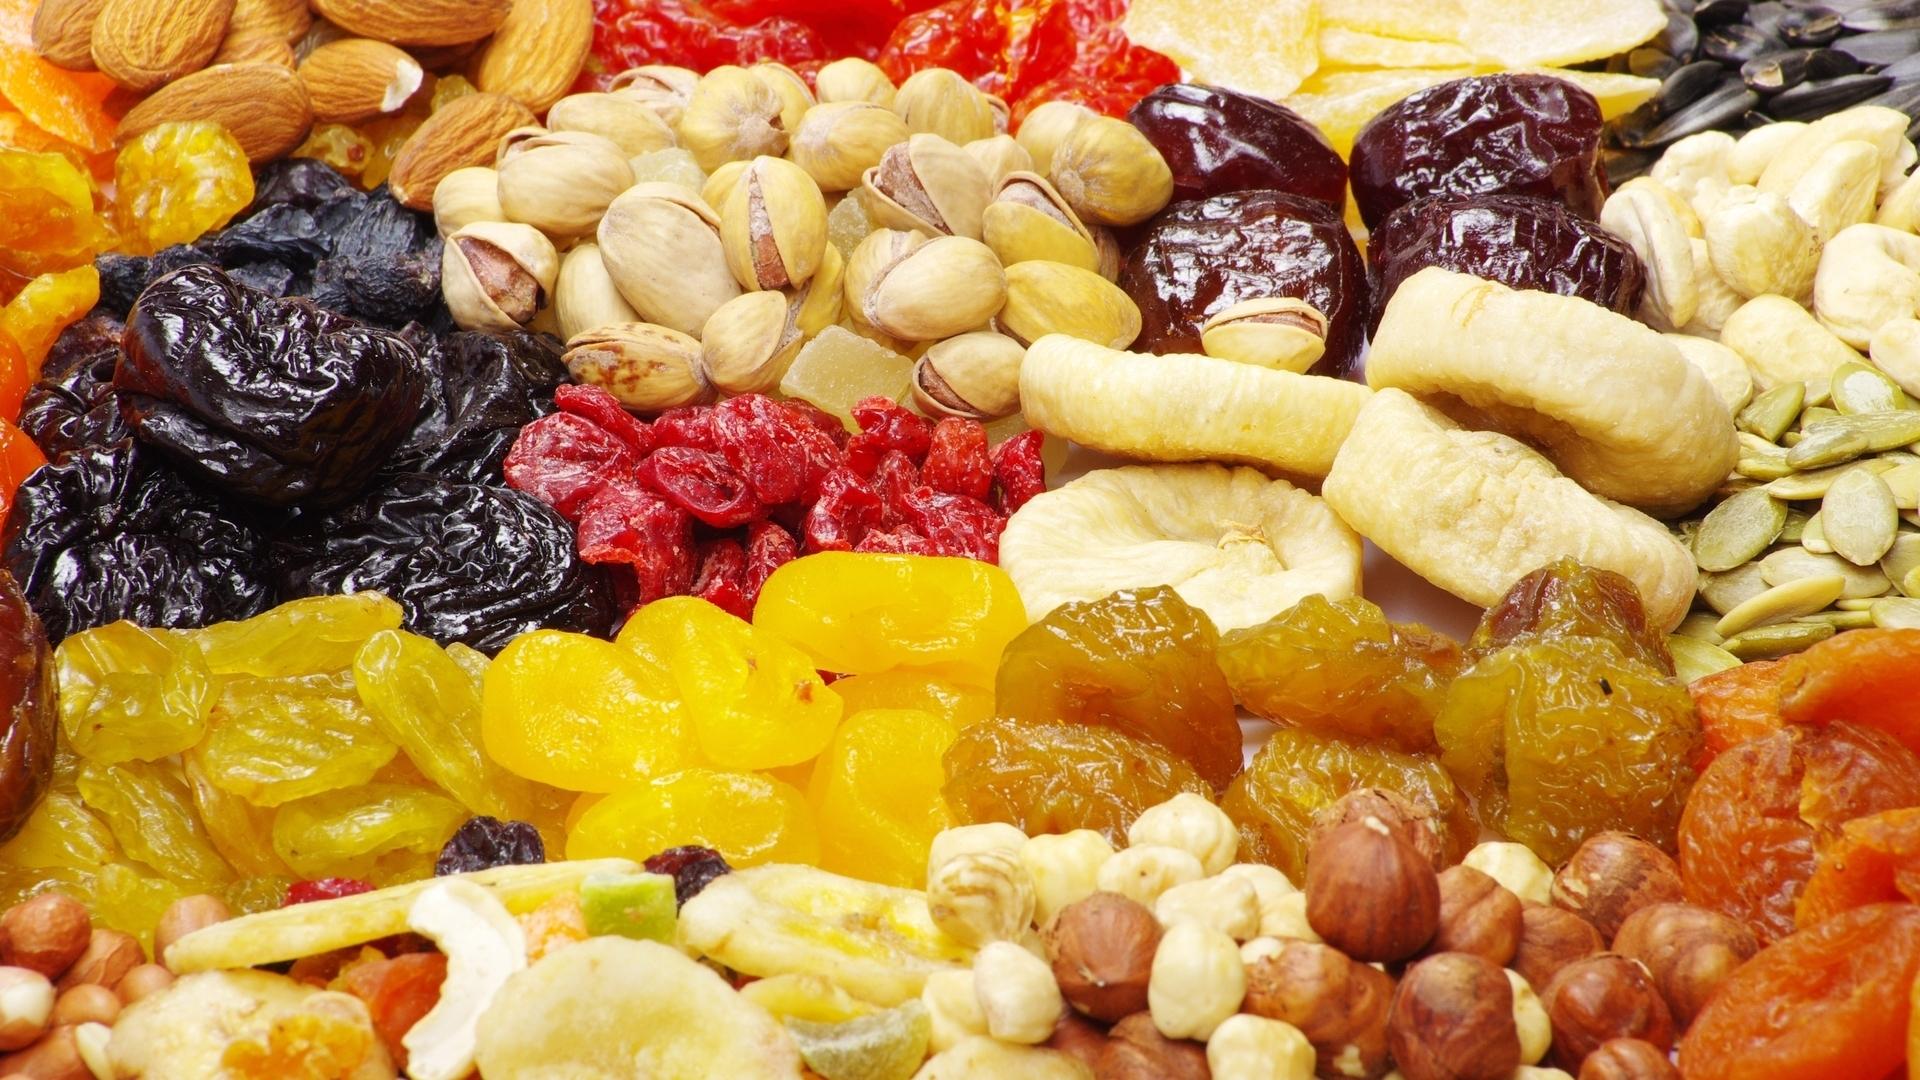 Вкусная закупка---орехи, вялено-сушеные фрукты, семечки по отличным ценам! Подарочки за заказ свыше 3000 руб.))